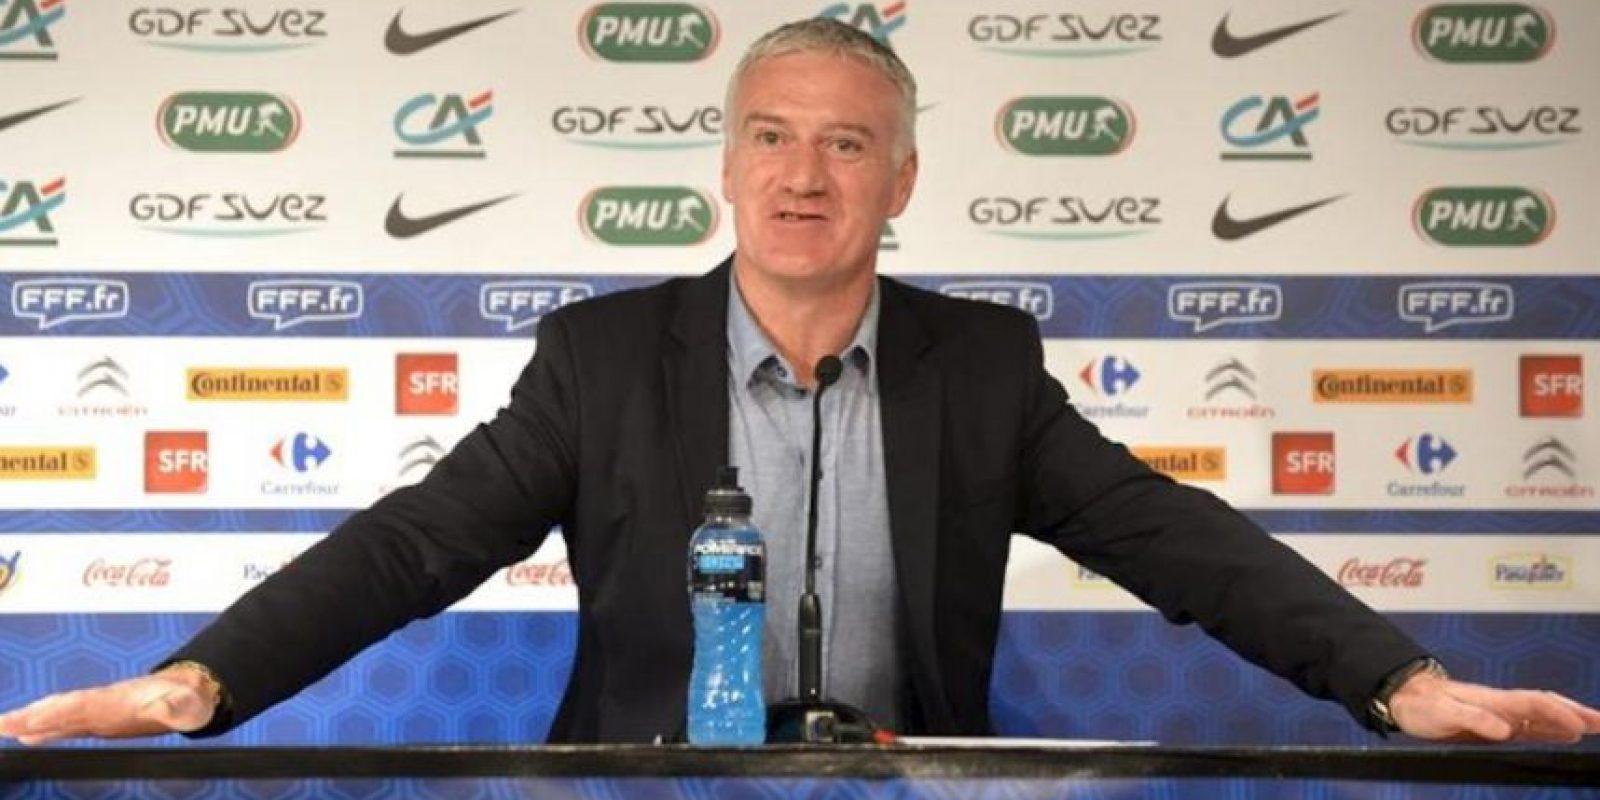 El seleccionador francés, Didier Deschamps, durante una rueda de prensa celebrada hoy en París en la que anunció la lista de jugadores que jugaran el amistoso ante Alemania el próximo 6 de febrero. EFE